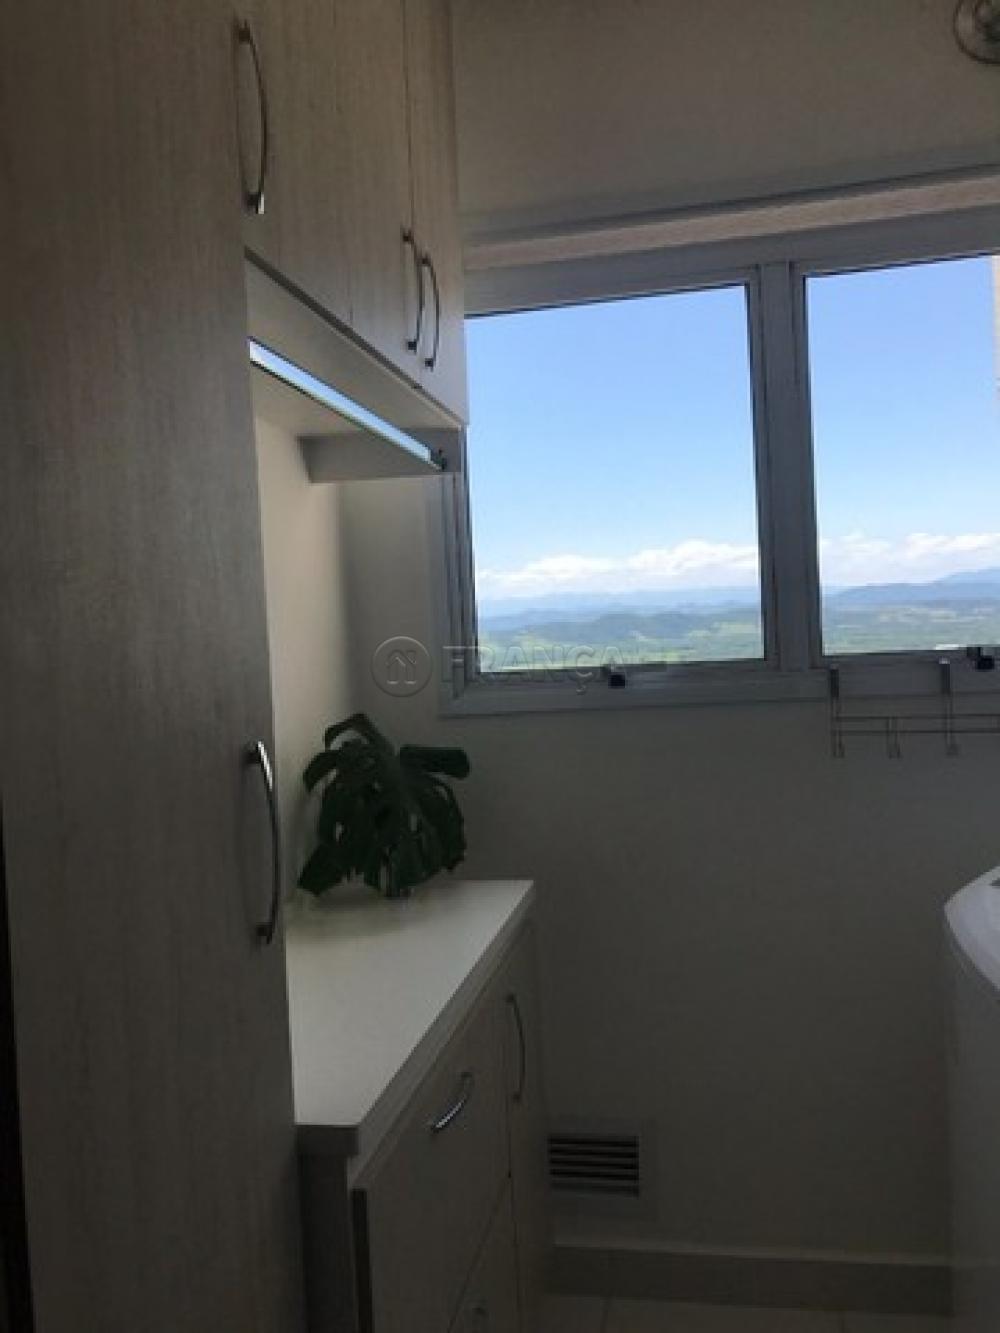 Comprar Apartamento / Padrão em São José dos Campos R$ 395.000,00 - Foto 12